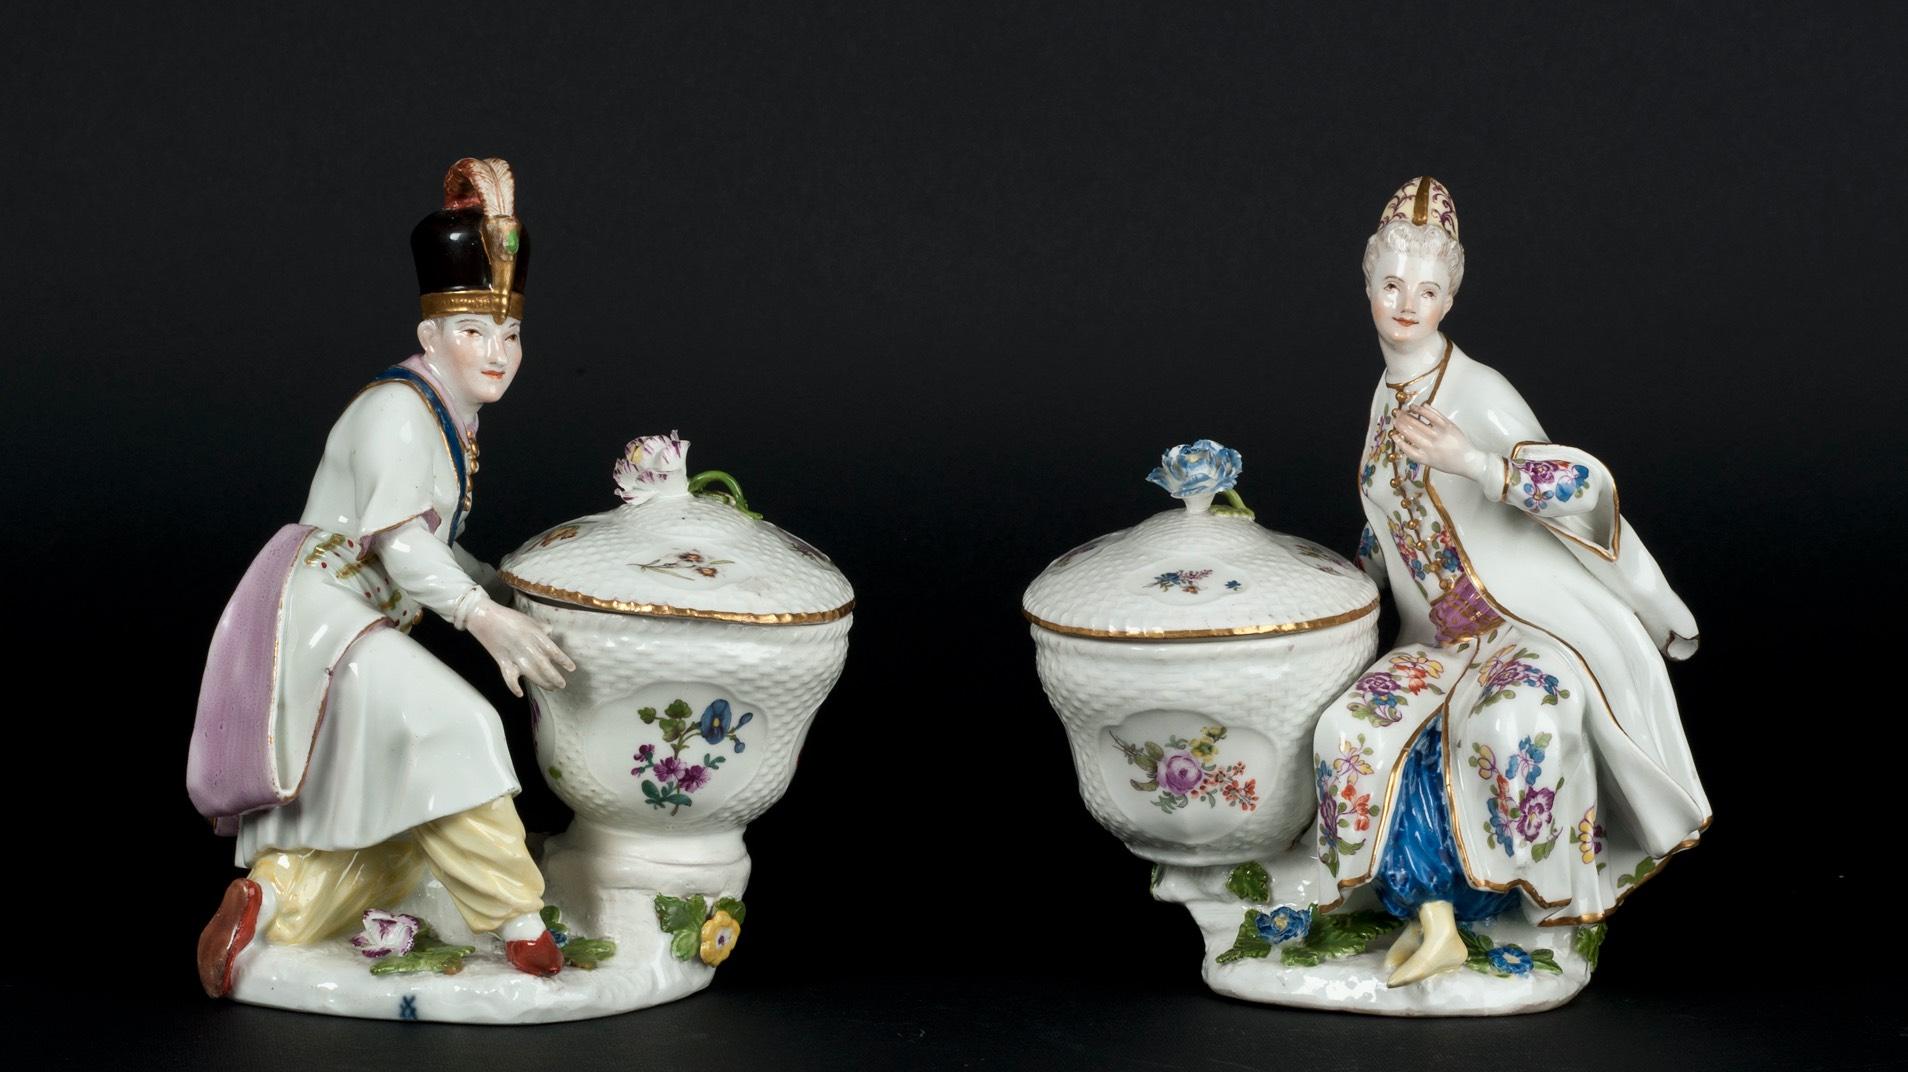 Porcelanowe figurki Turków, XVIII wiek, Miśnia.